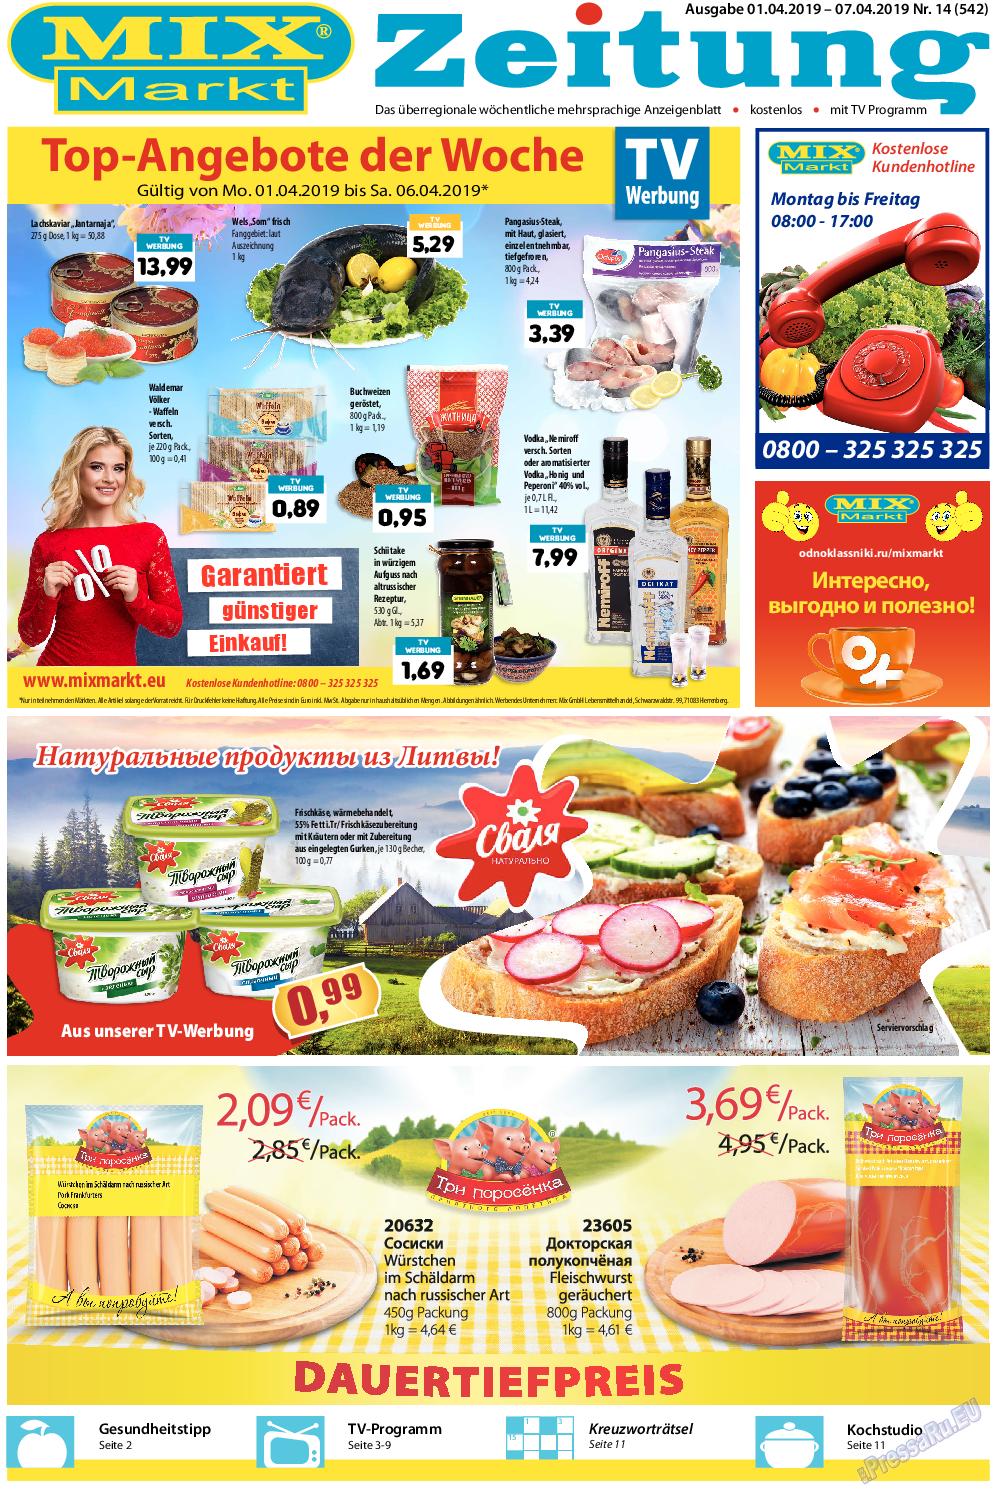 MIX-Markt Zeitung (газета). 2019 год, номер 14, стр. 1